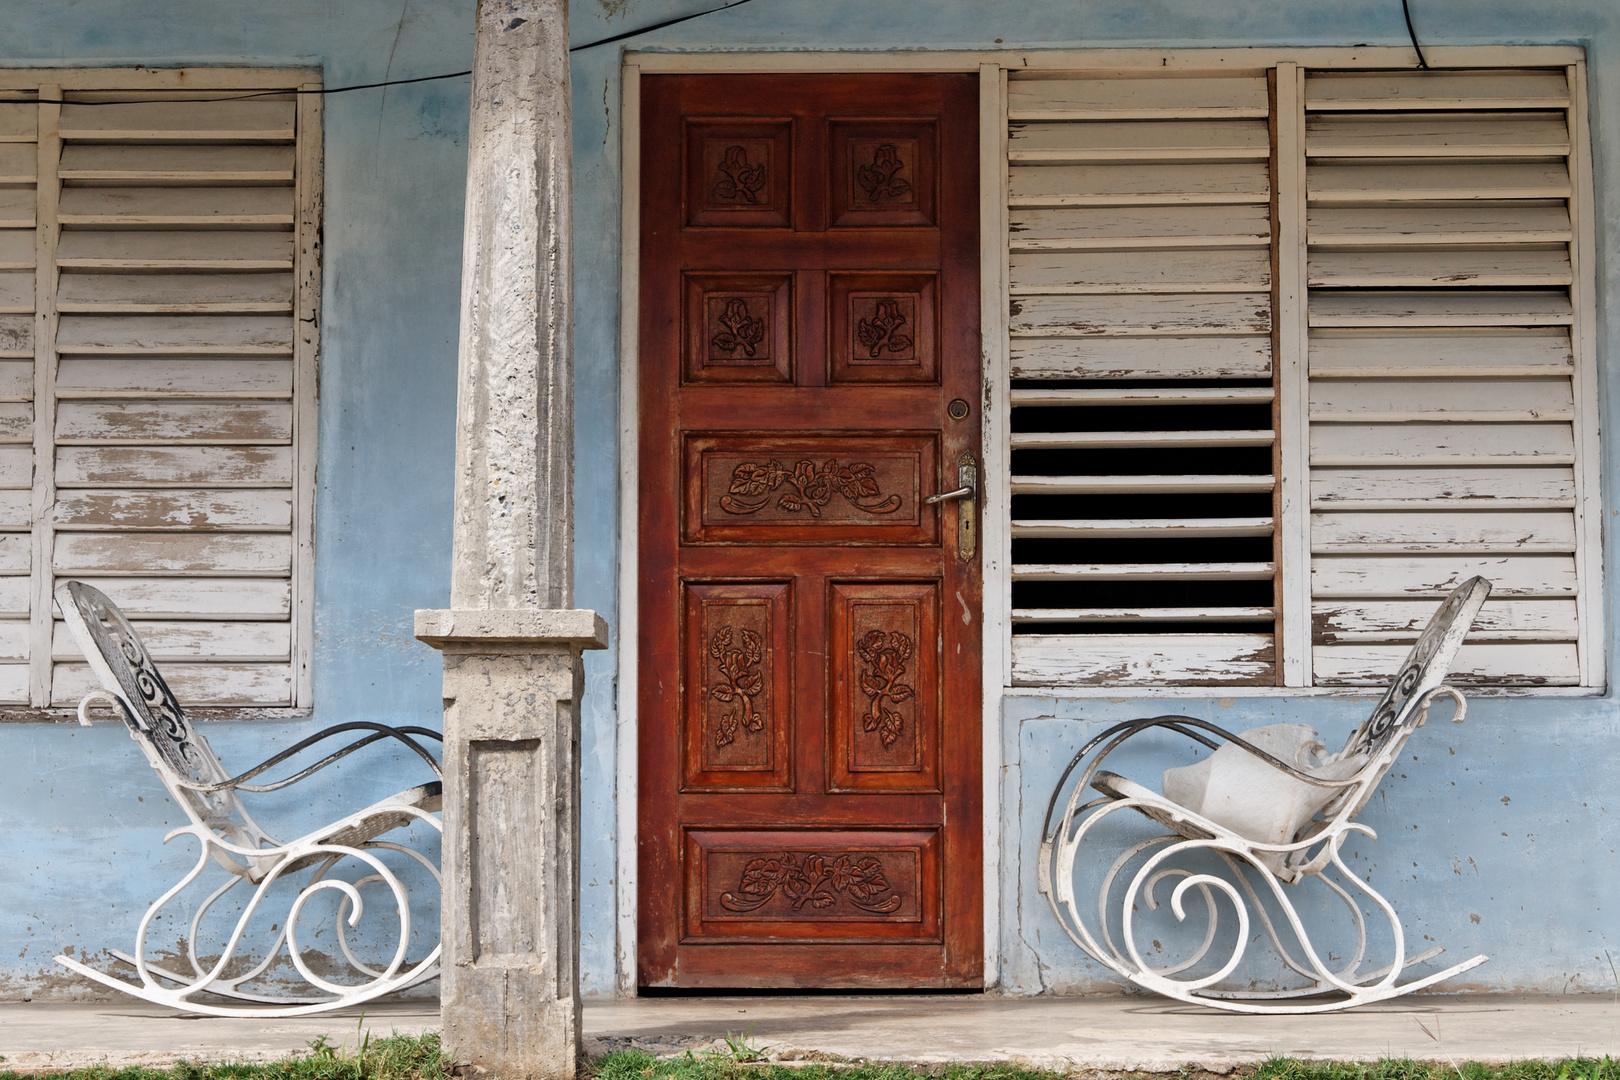 schaukelst hle auf der veranda foto bild north america central america cuba bilder auf. Black Bedroom Furniture Sets. Home Design Ideas